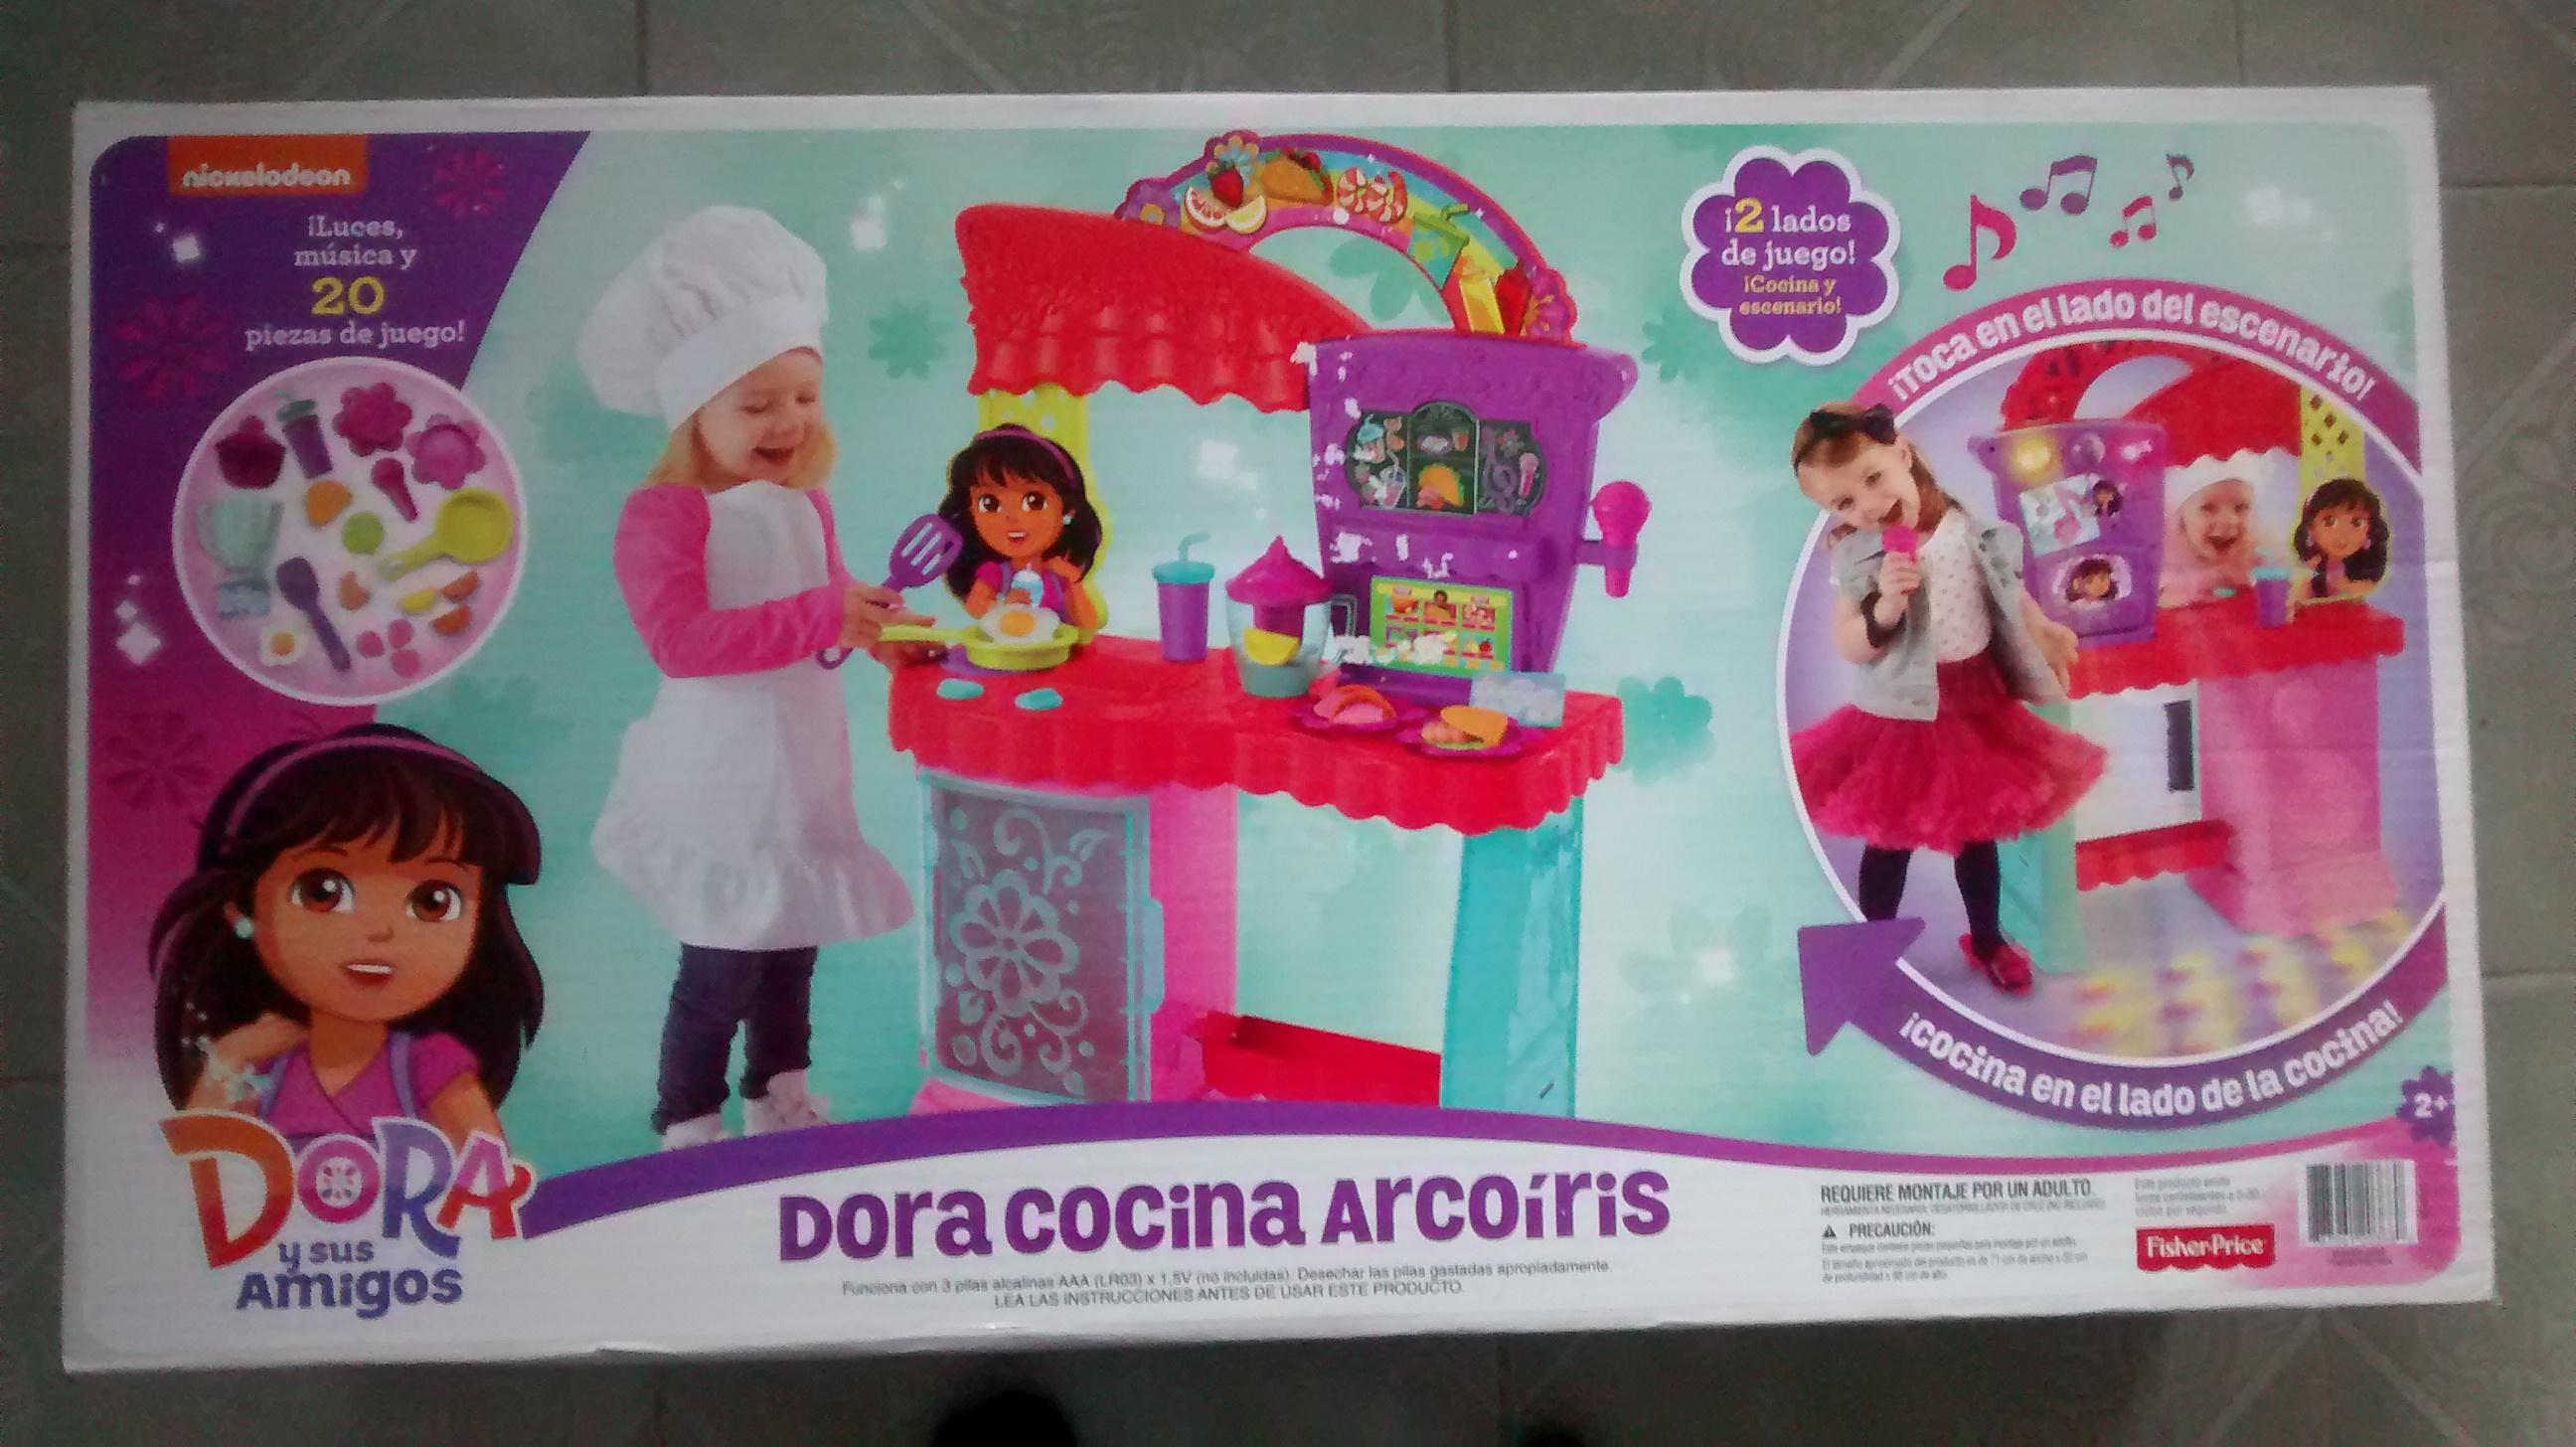 Bodega Aurrerá Texcoco: Dora Cocina Arcoiris